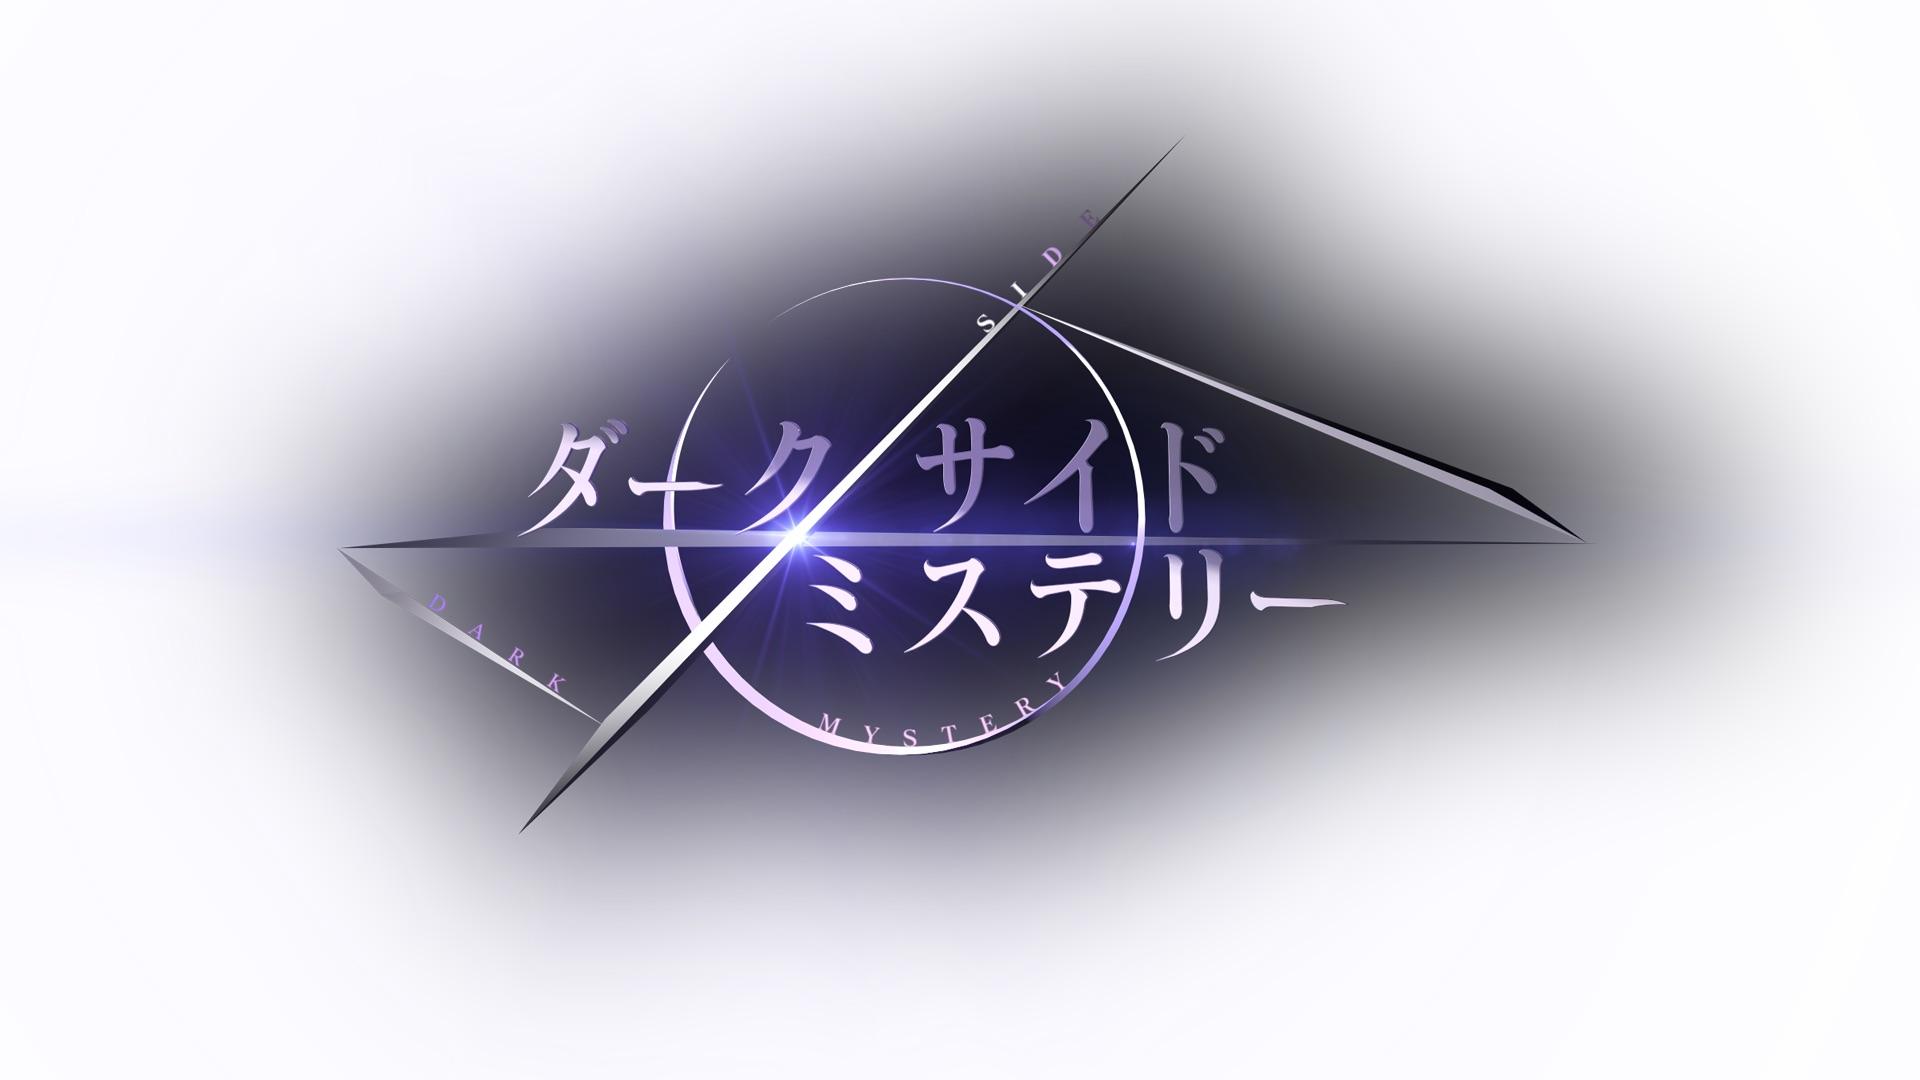 ダークサイドミステリー「高度3000m!空の密室から消えた男 〜伝説の完全犯罪D.B.クーパー事件〜」